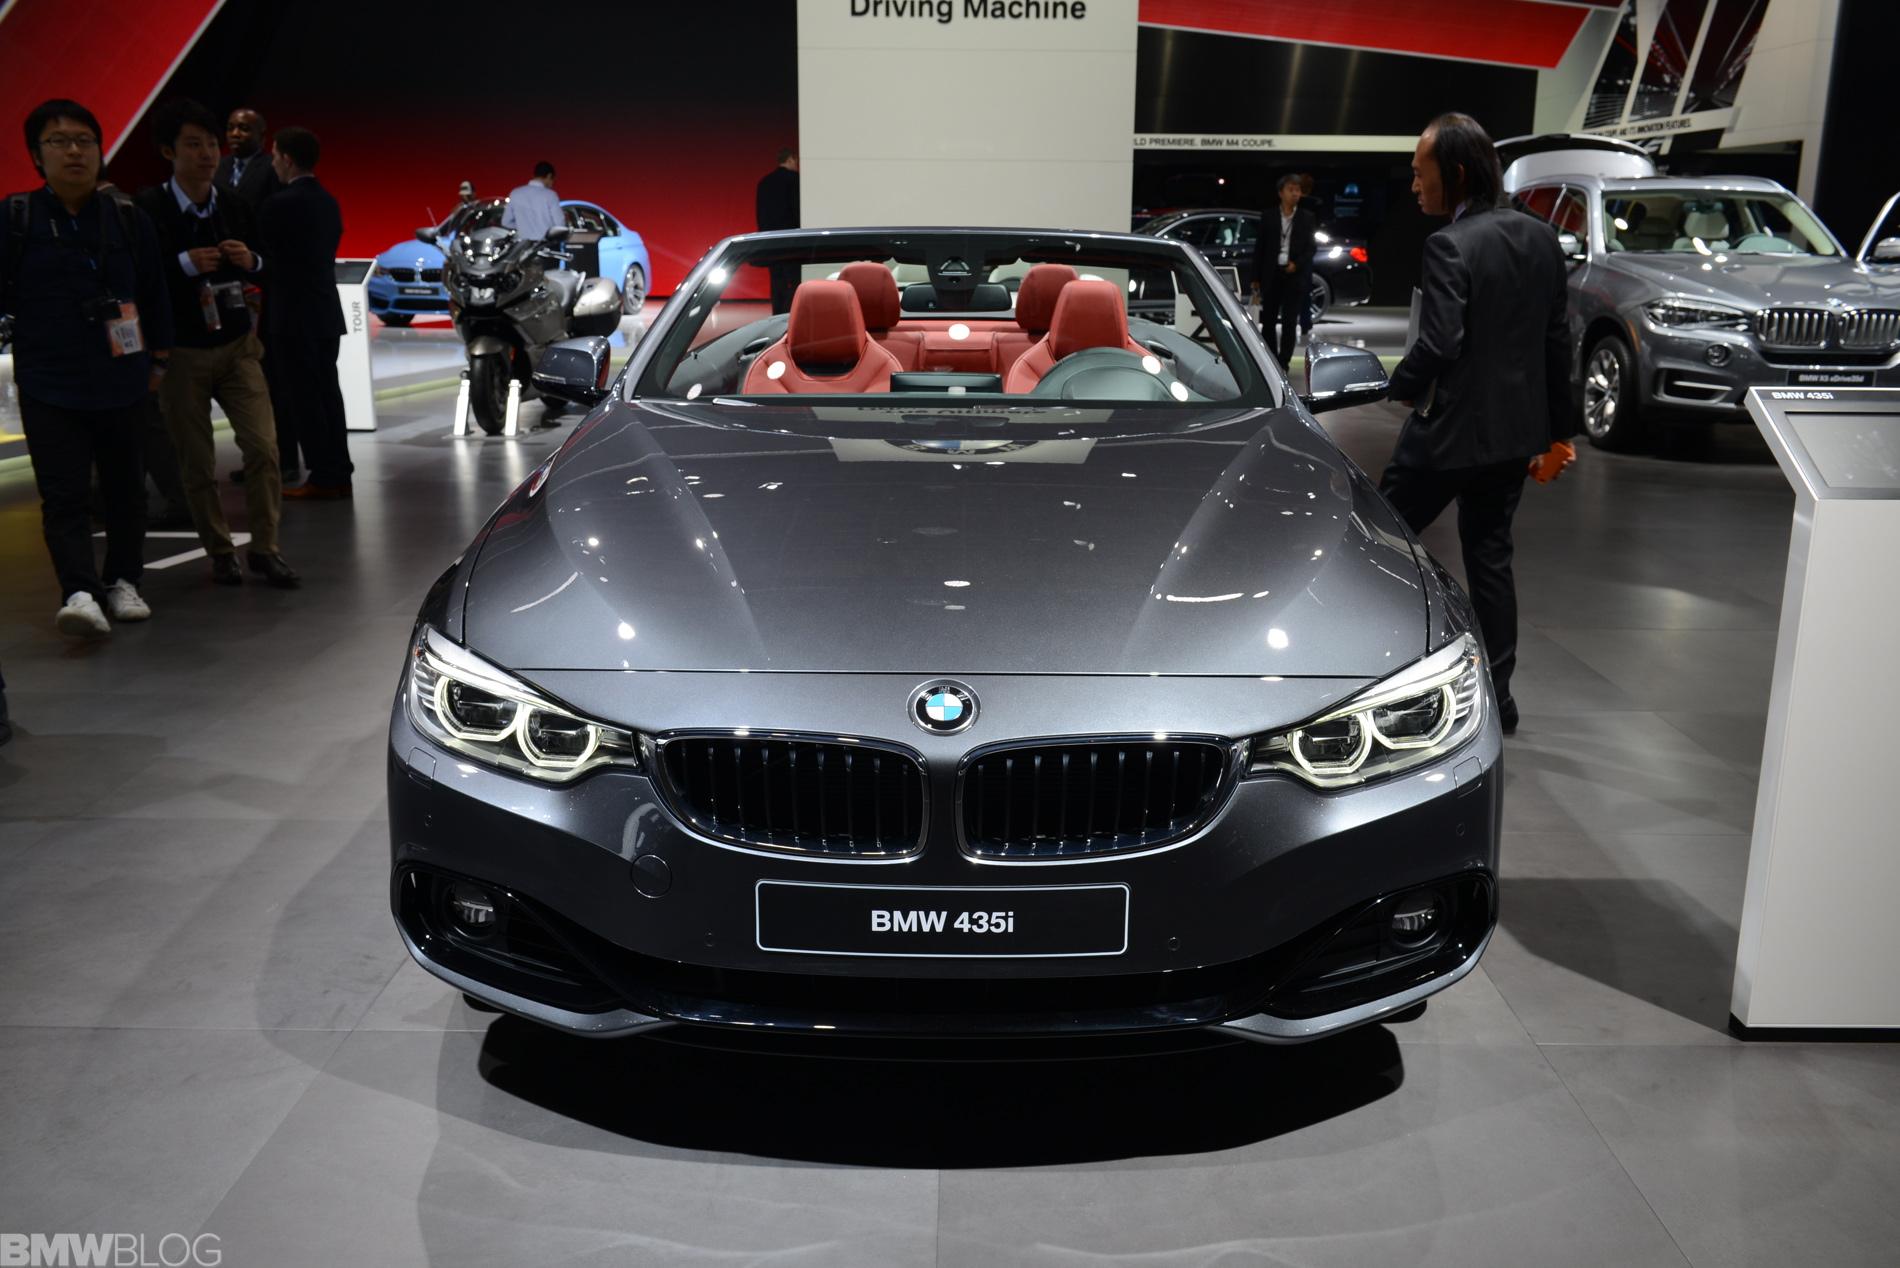 BMW 4 Series Convertible at 2014 NAIAS